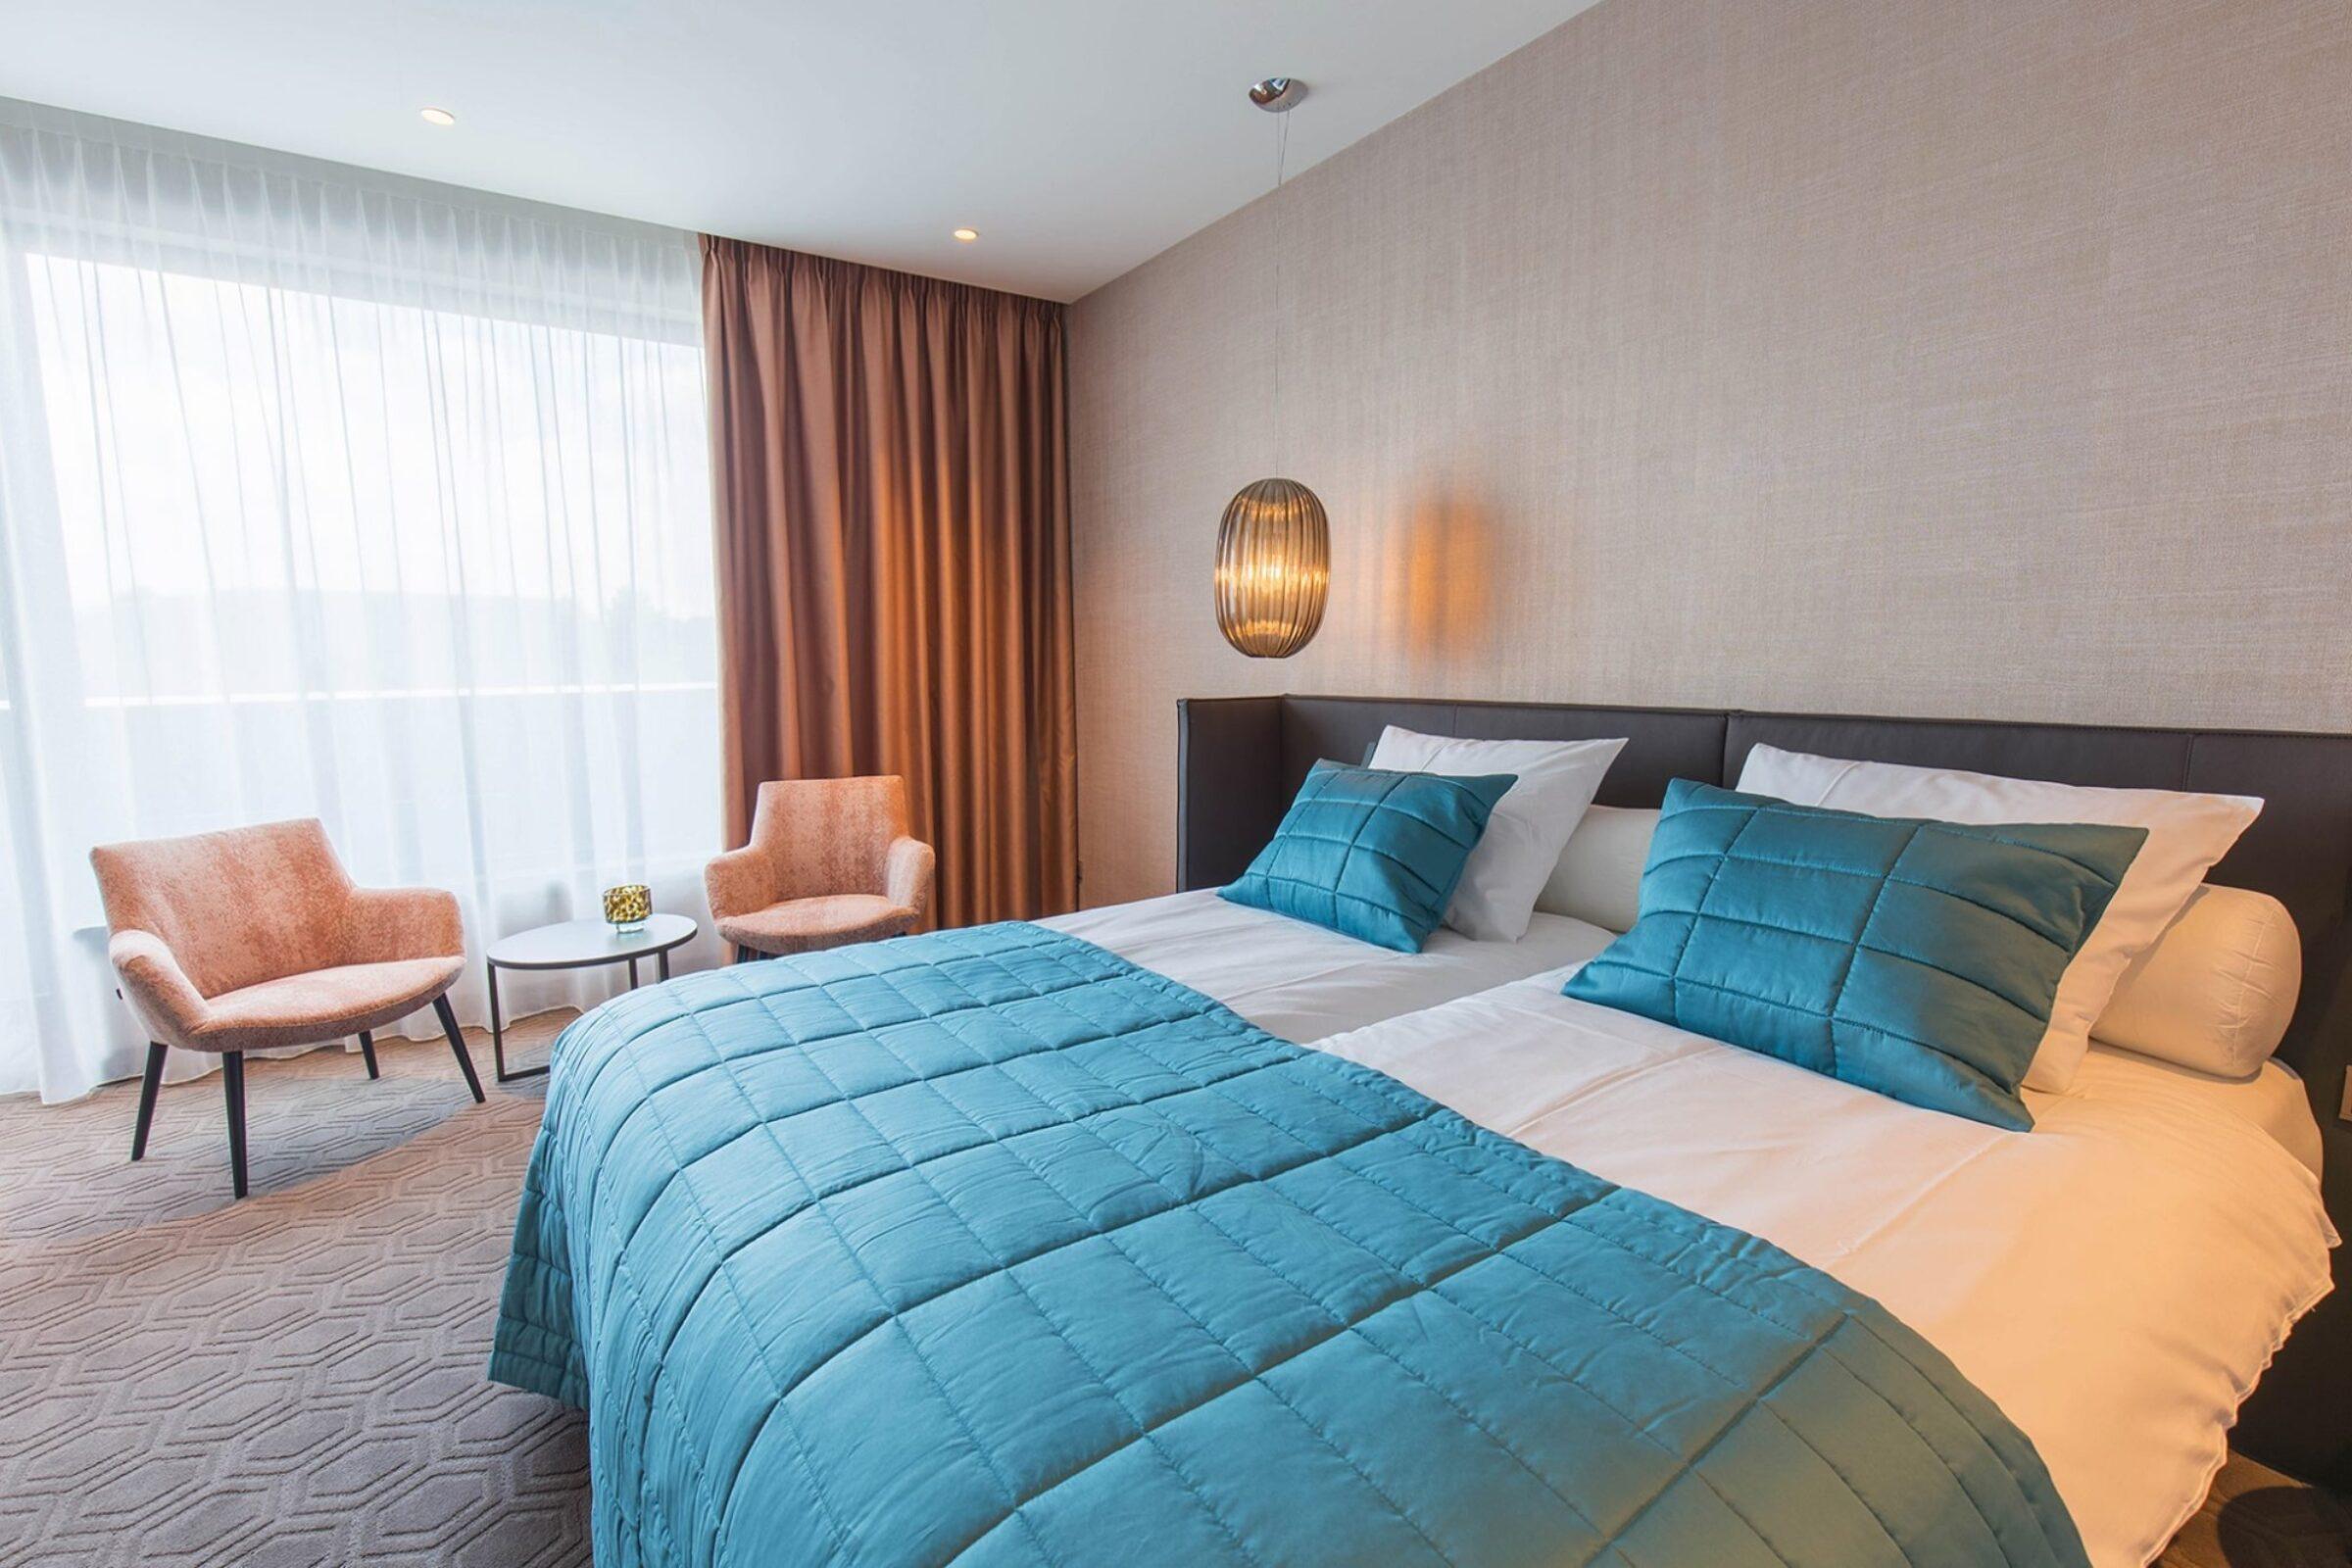 Valk Exclusief Hotel Enschede